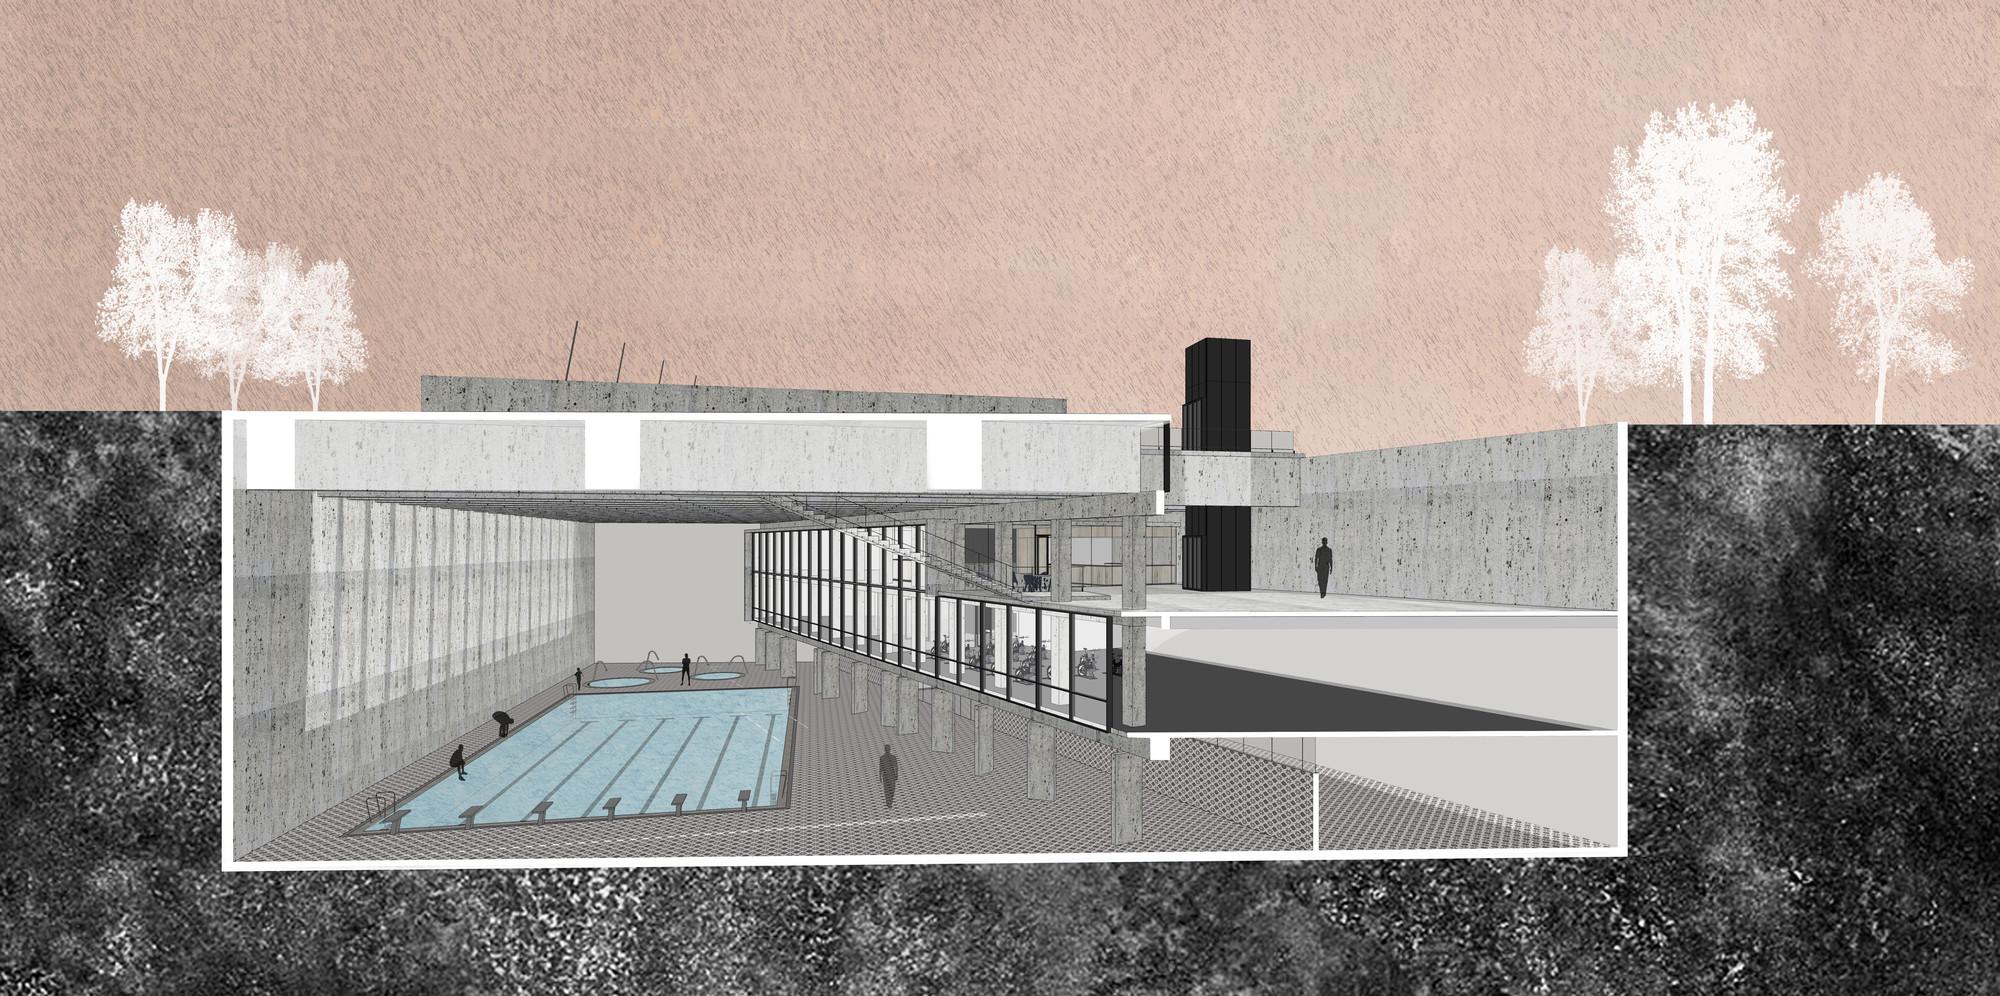 Primer Lugar en concurso de piscina municipal Juan Pablo II / Santiago, Chile, Corte fugado. Image Courtesy of Equipo Primer Lugar